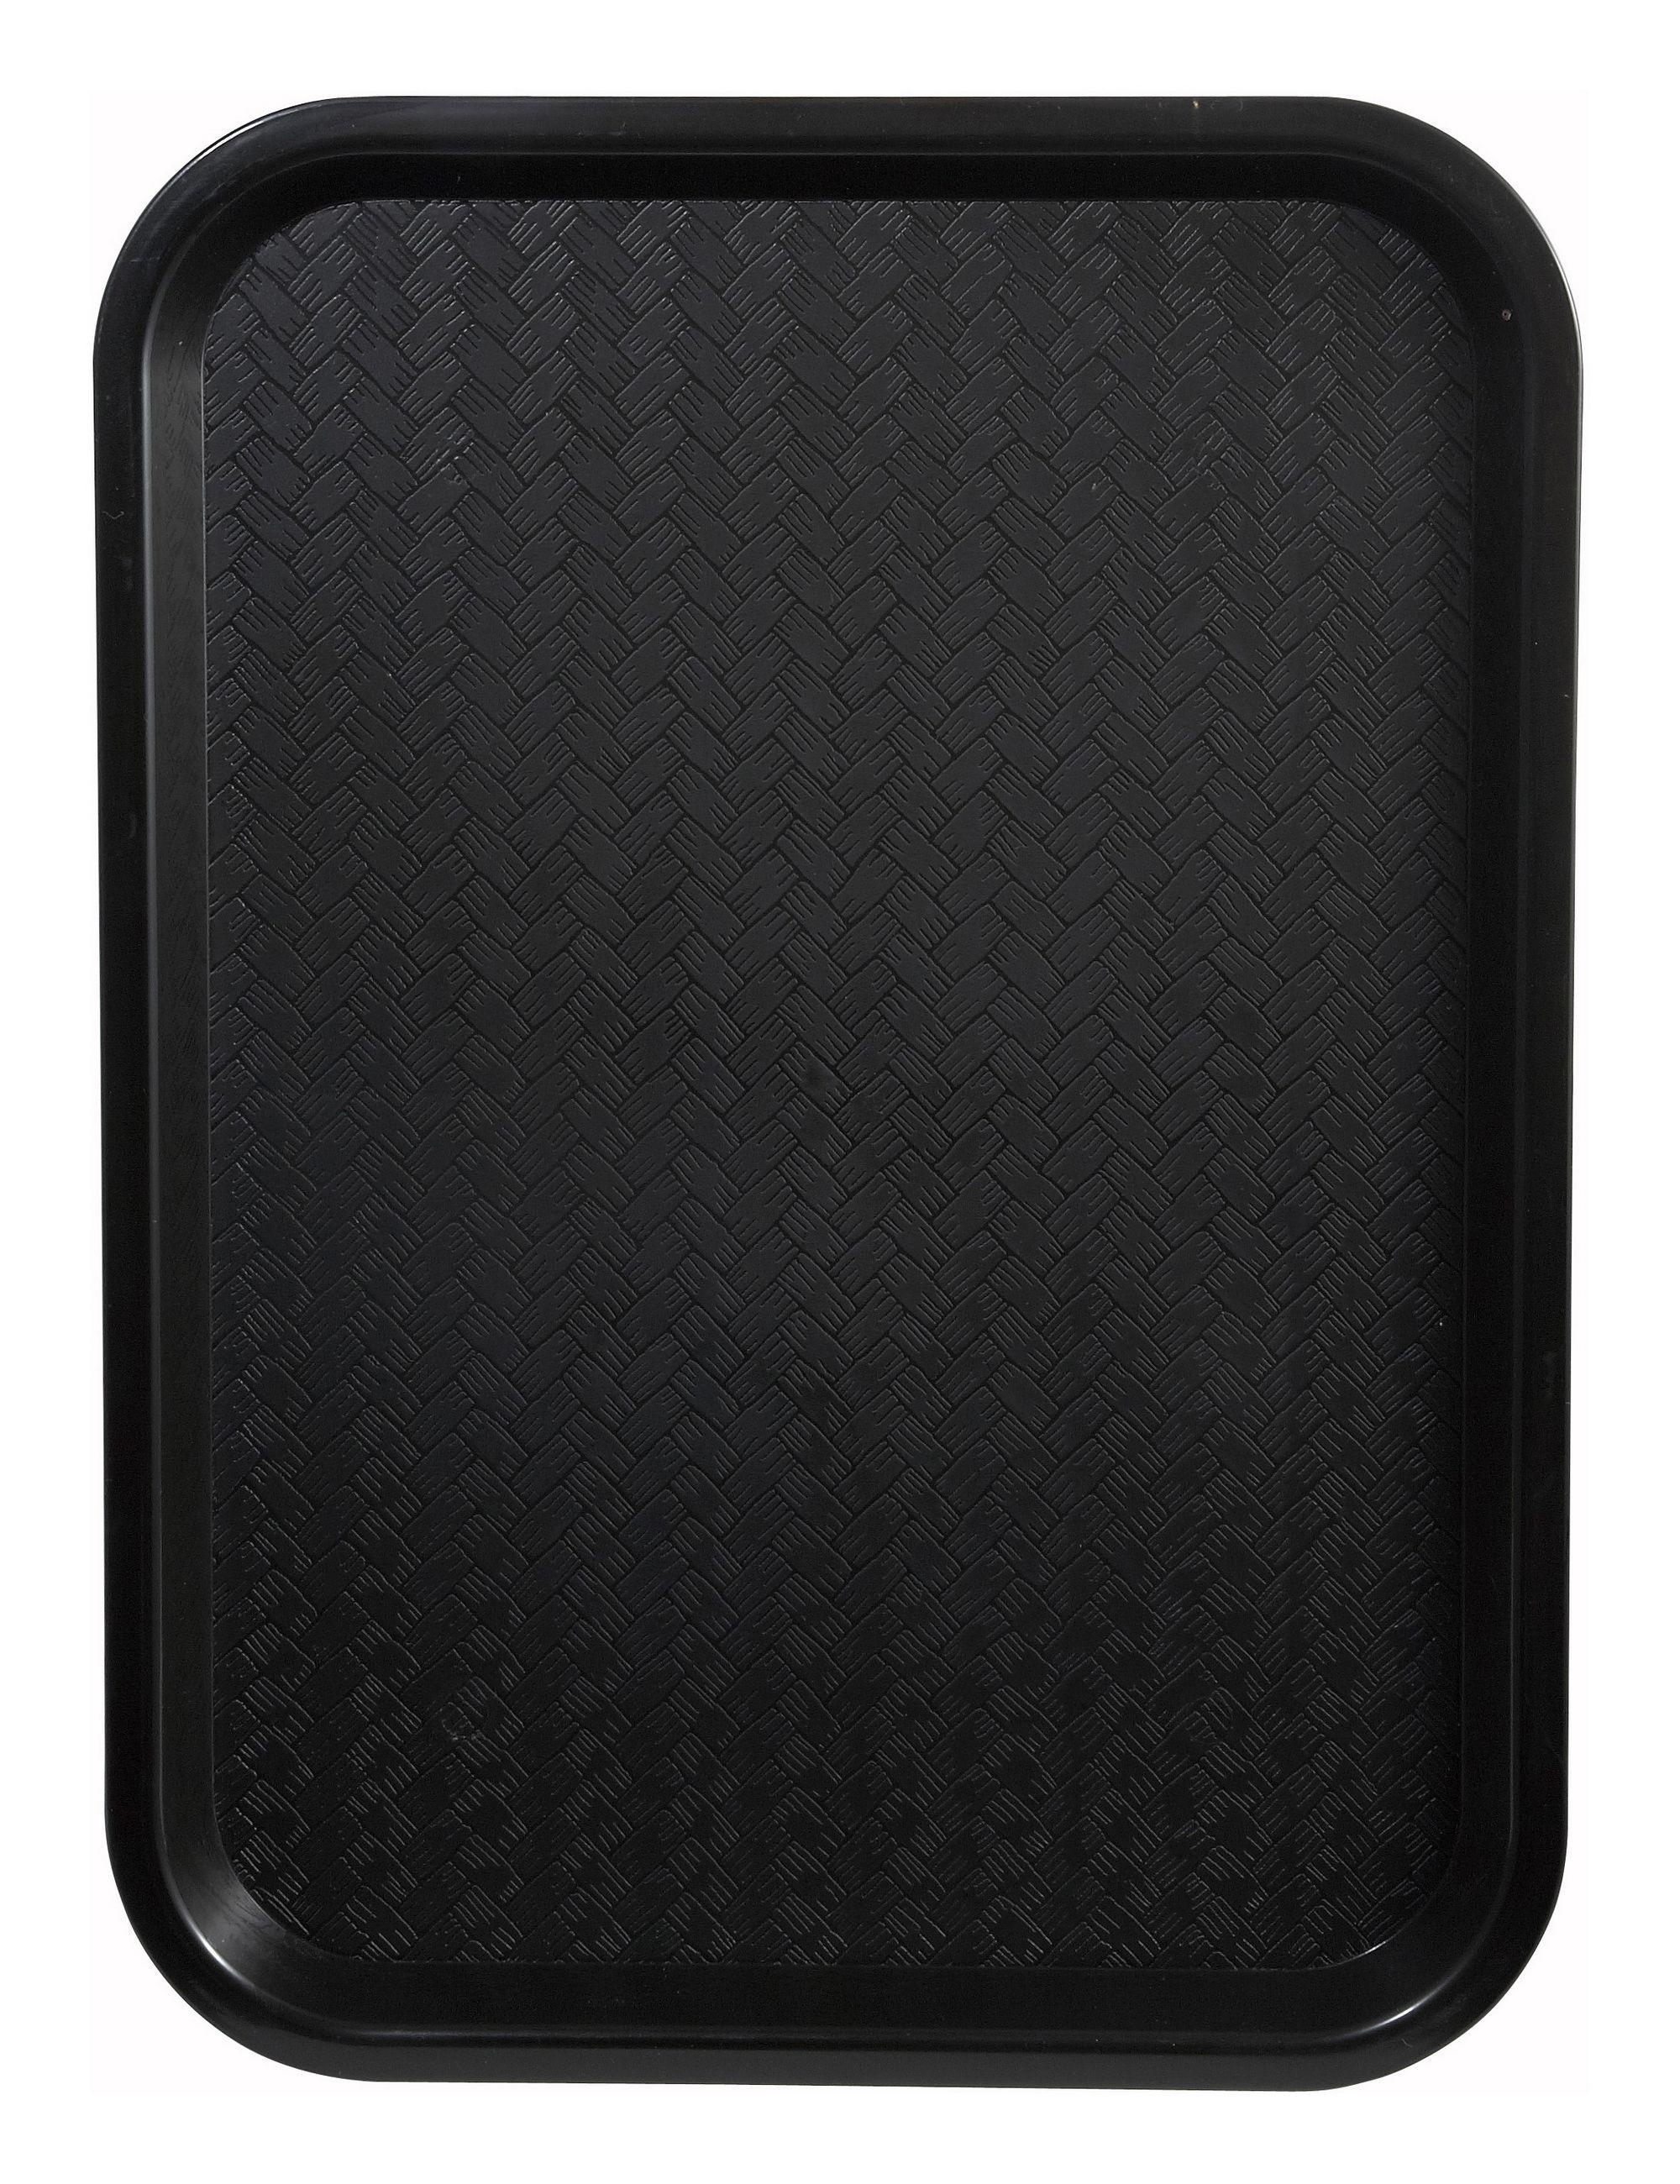 Premium Plastic Fast Food Tray 10 x 14 (Black)